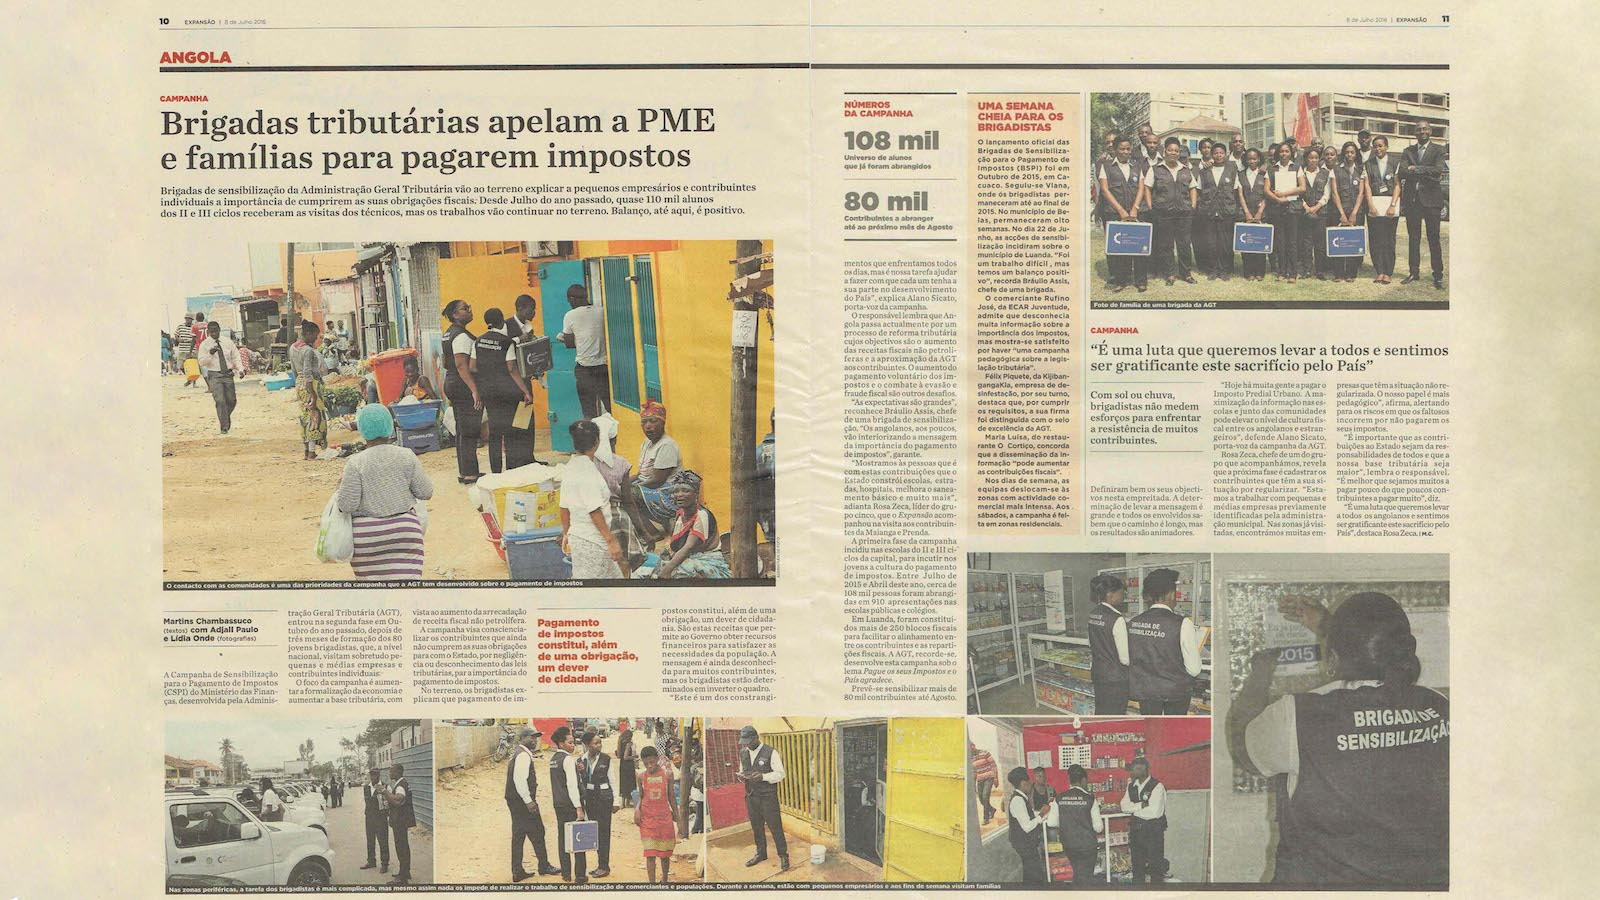 Clip de notícia sobre o engajamento dos comerciantes na campanha